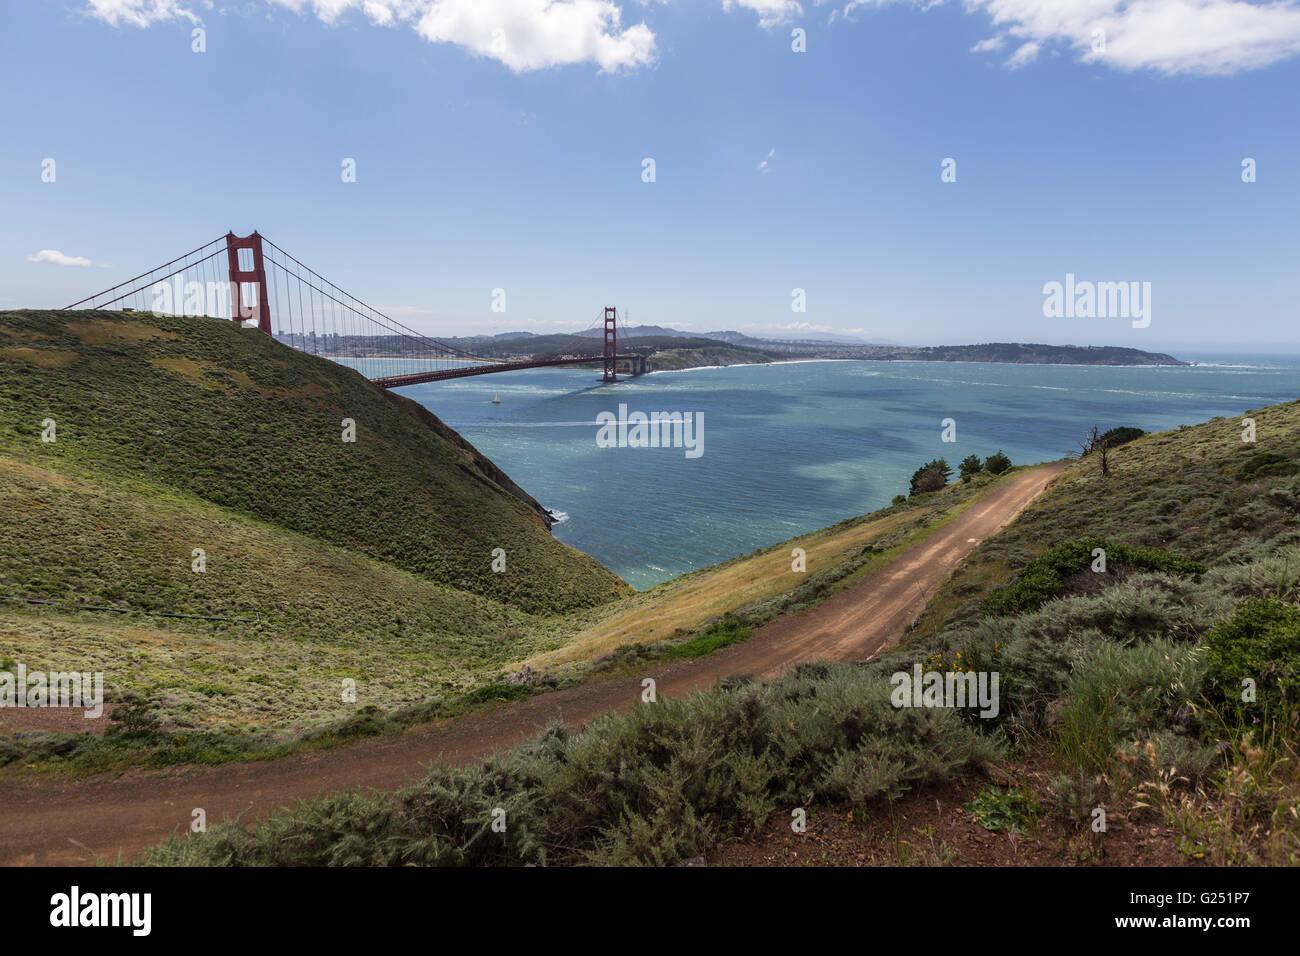 Vista del Ponte Golden Gate e la baia di San Francisco da Promontori Marin in Golden Gate National Recreation Area. Immagini Stock